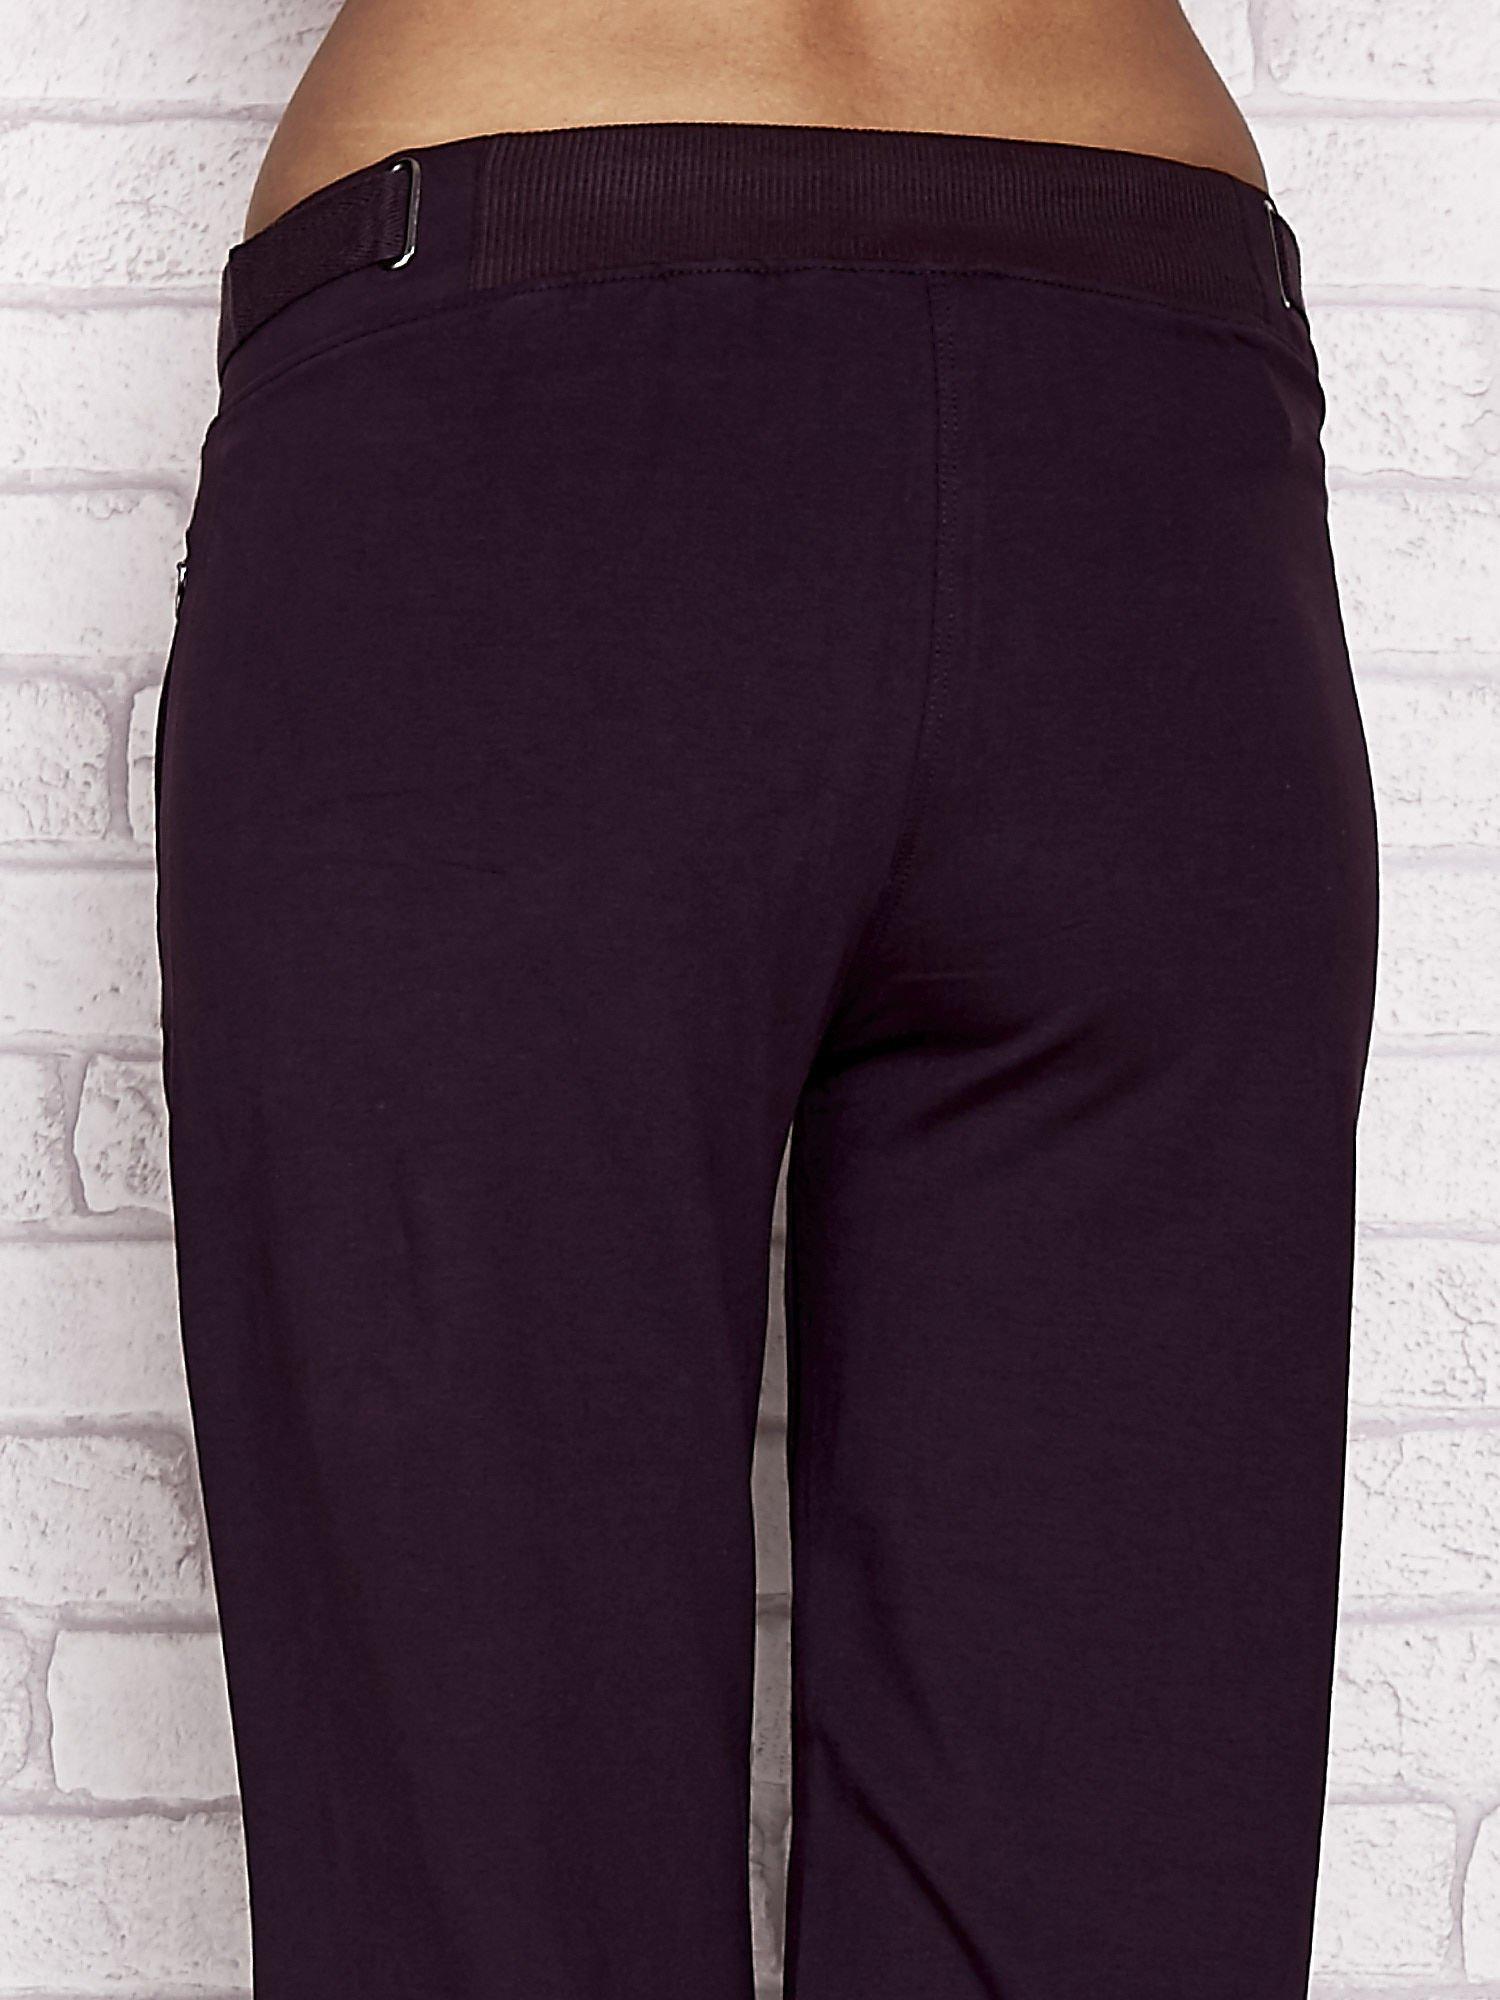 Ciemnofioletowe spodnie dresowe capri z wszytymi kieszeniami                                  zdj.                                  6